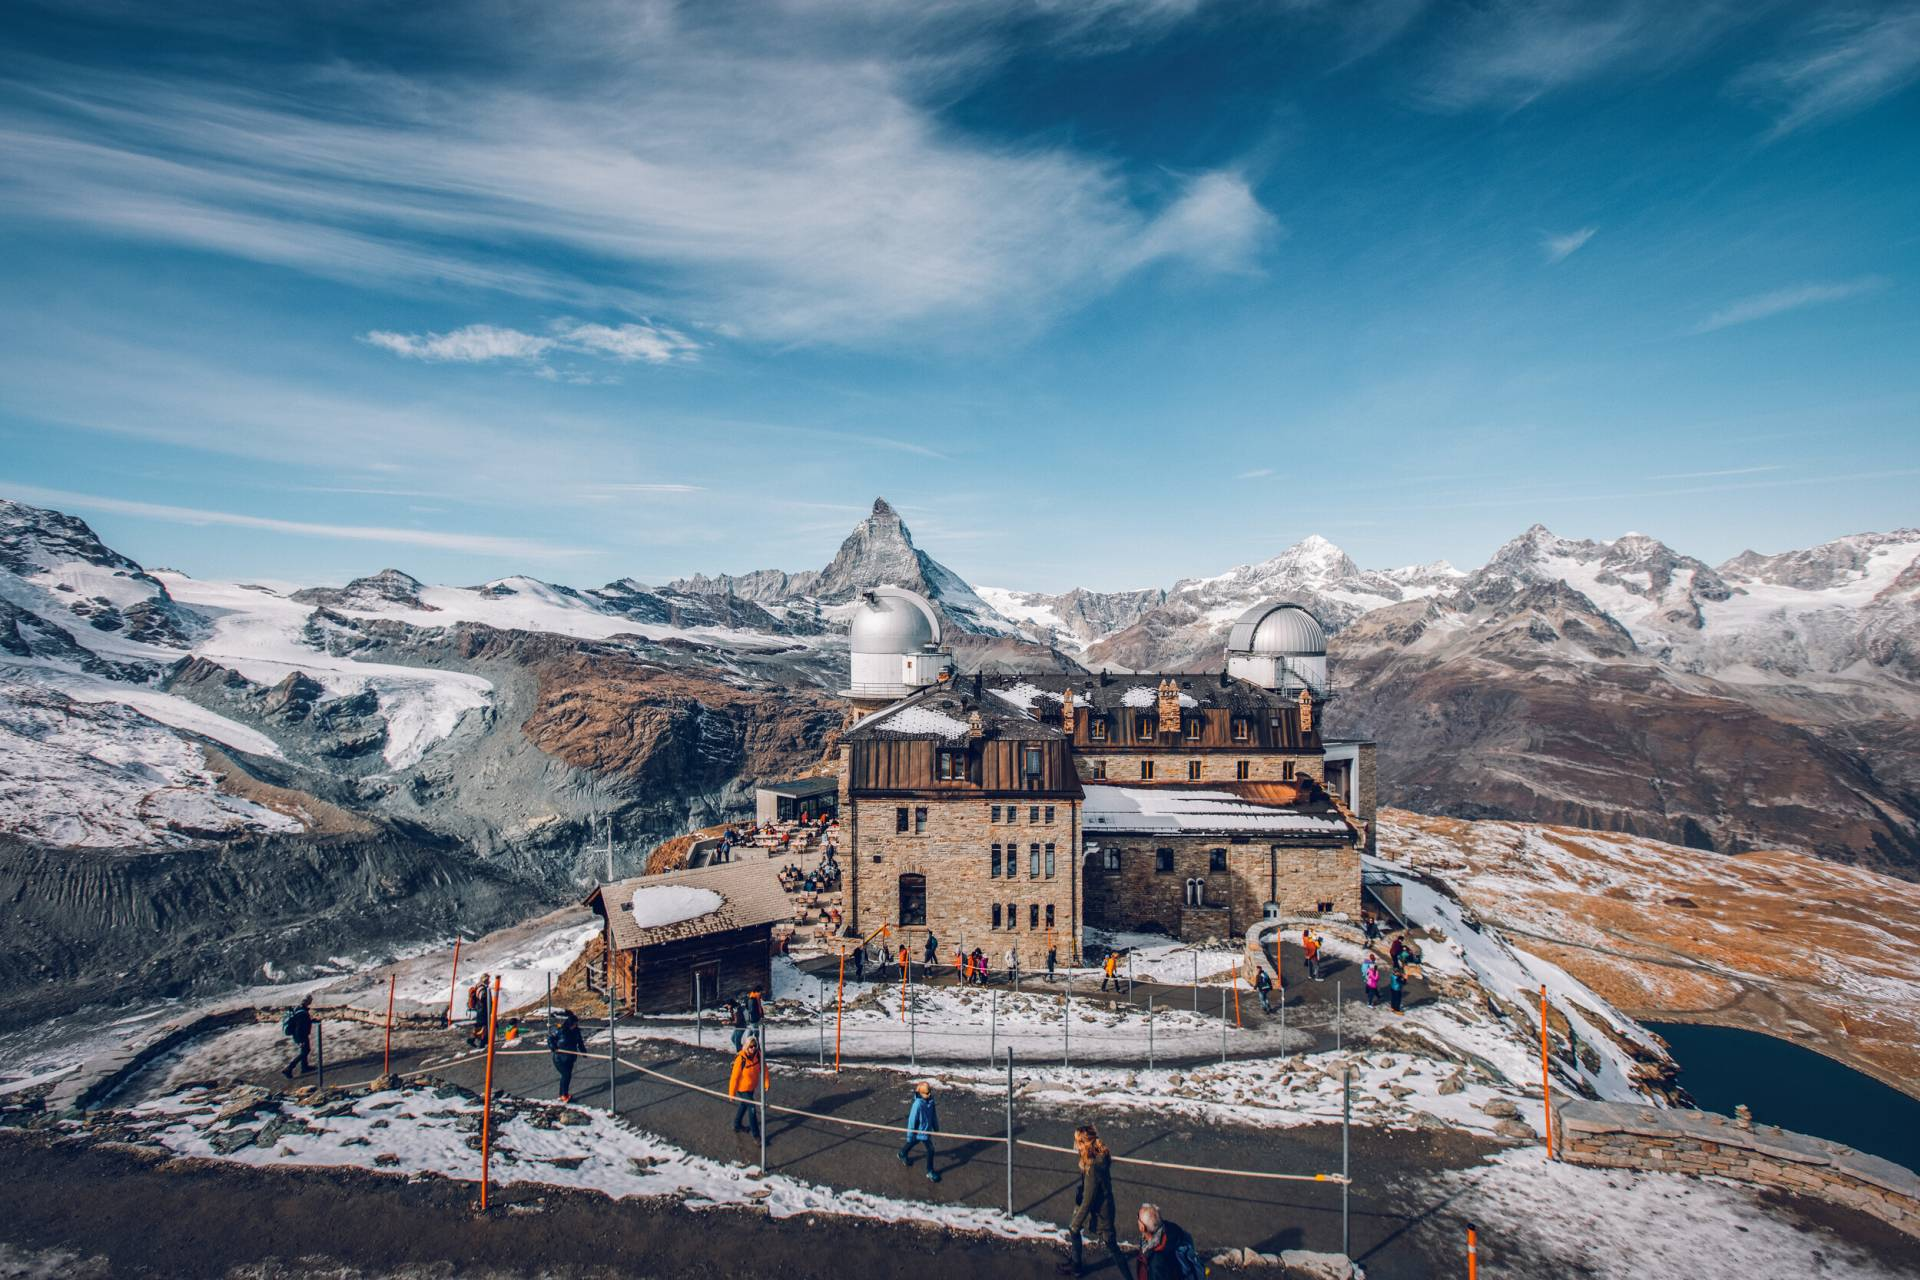 Gornergrat Kulm hotel in spring above Zermatt in autumn